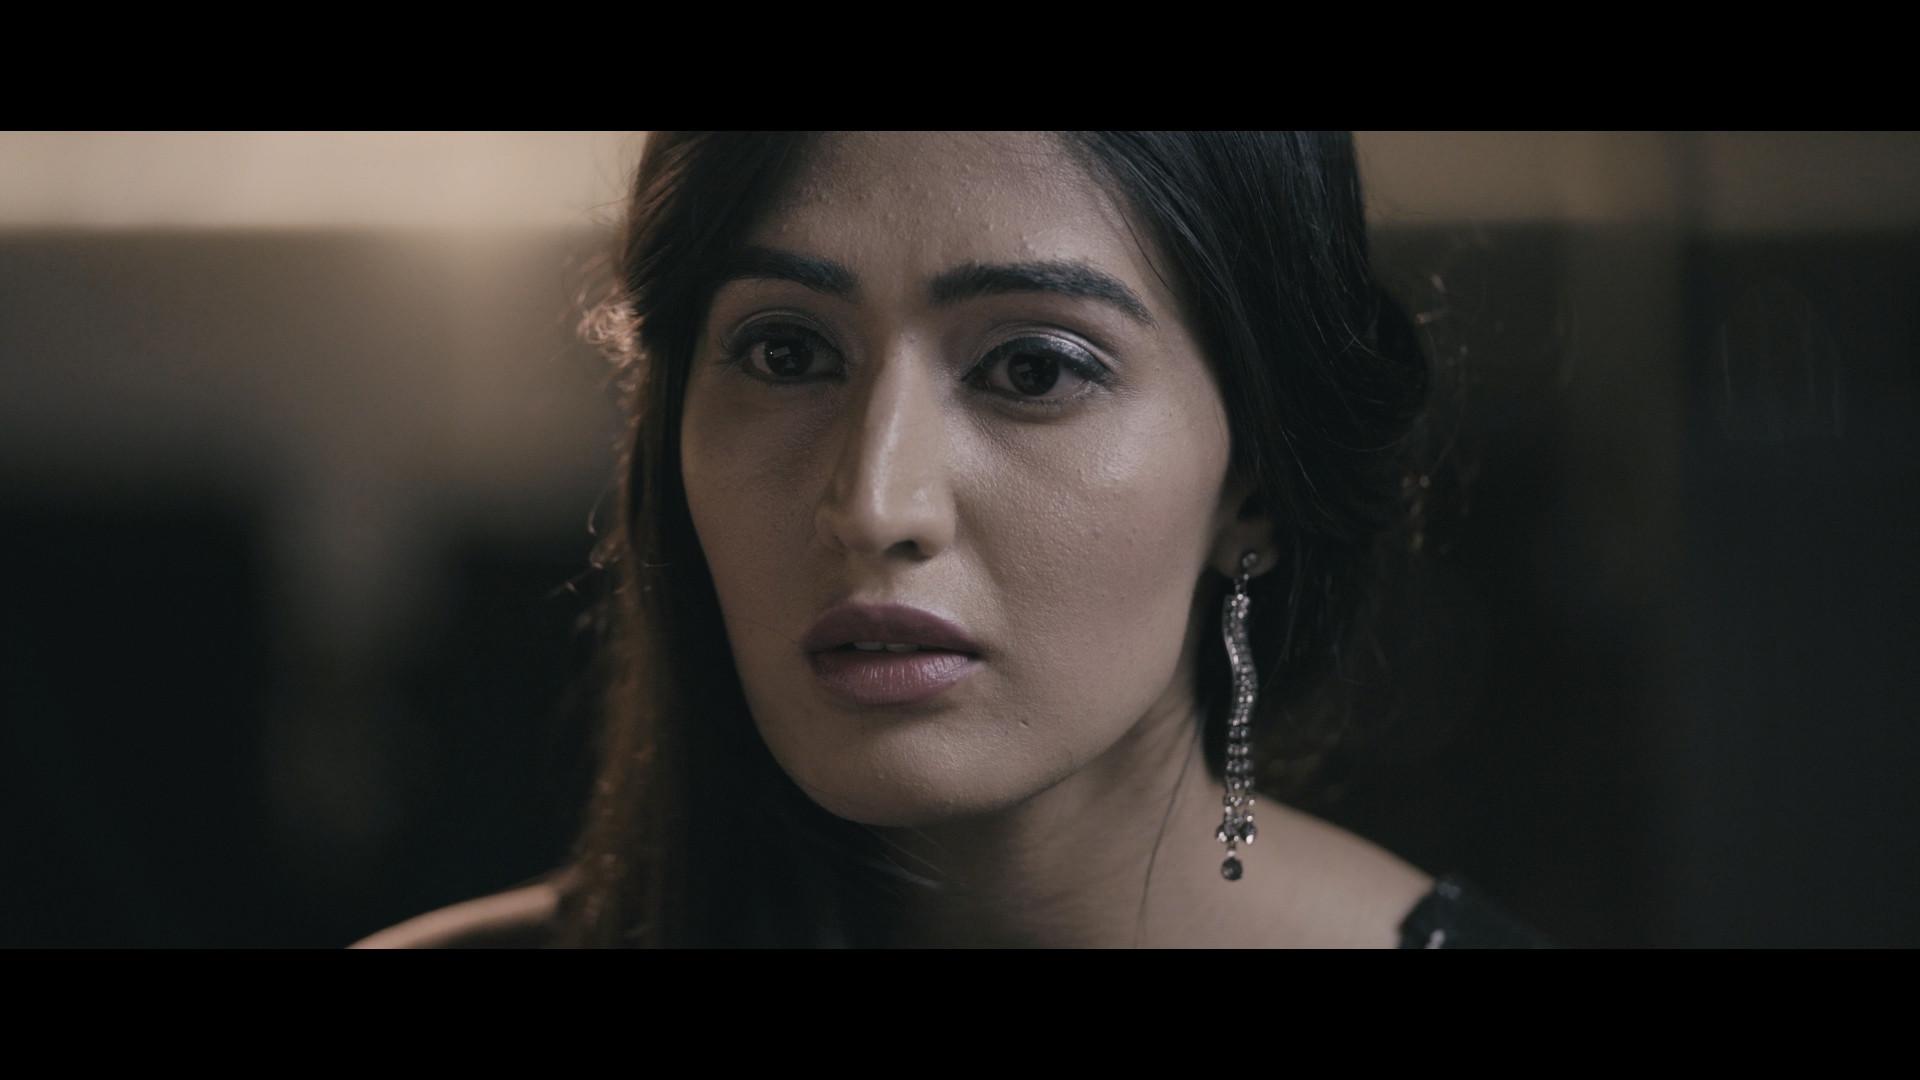 Shivani Parmar